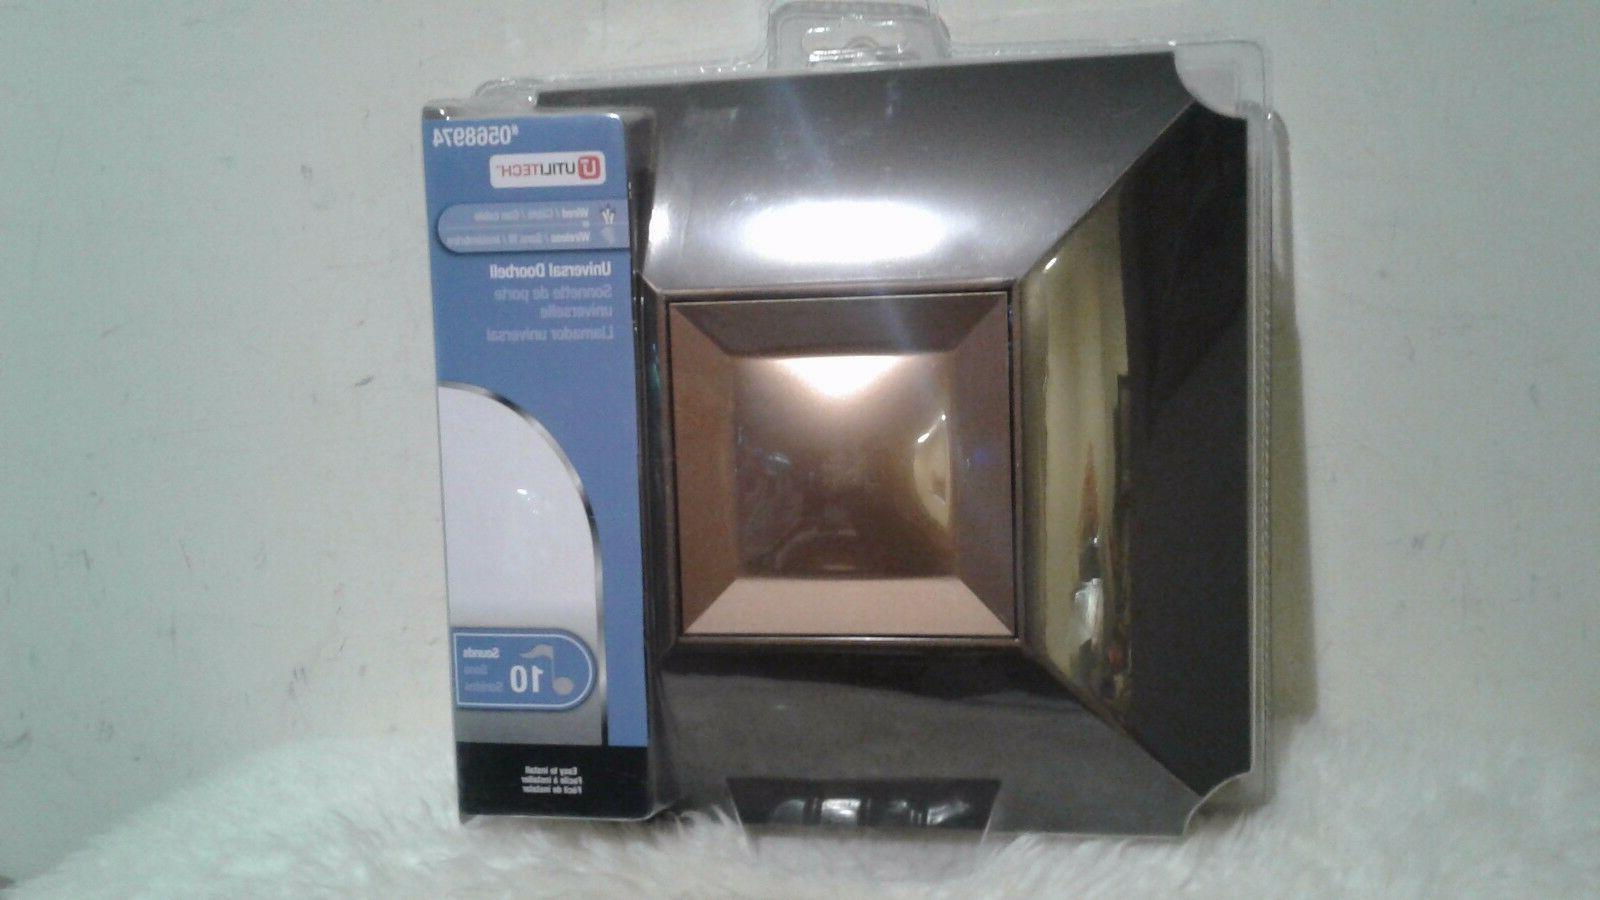 NEW Utilitech Bronze Wireless Doorbell 10 Sounds Item 056897